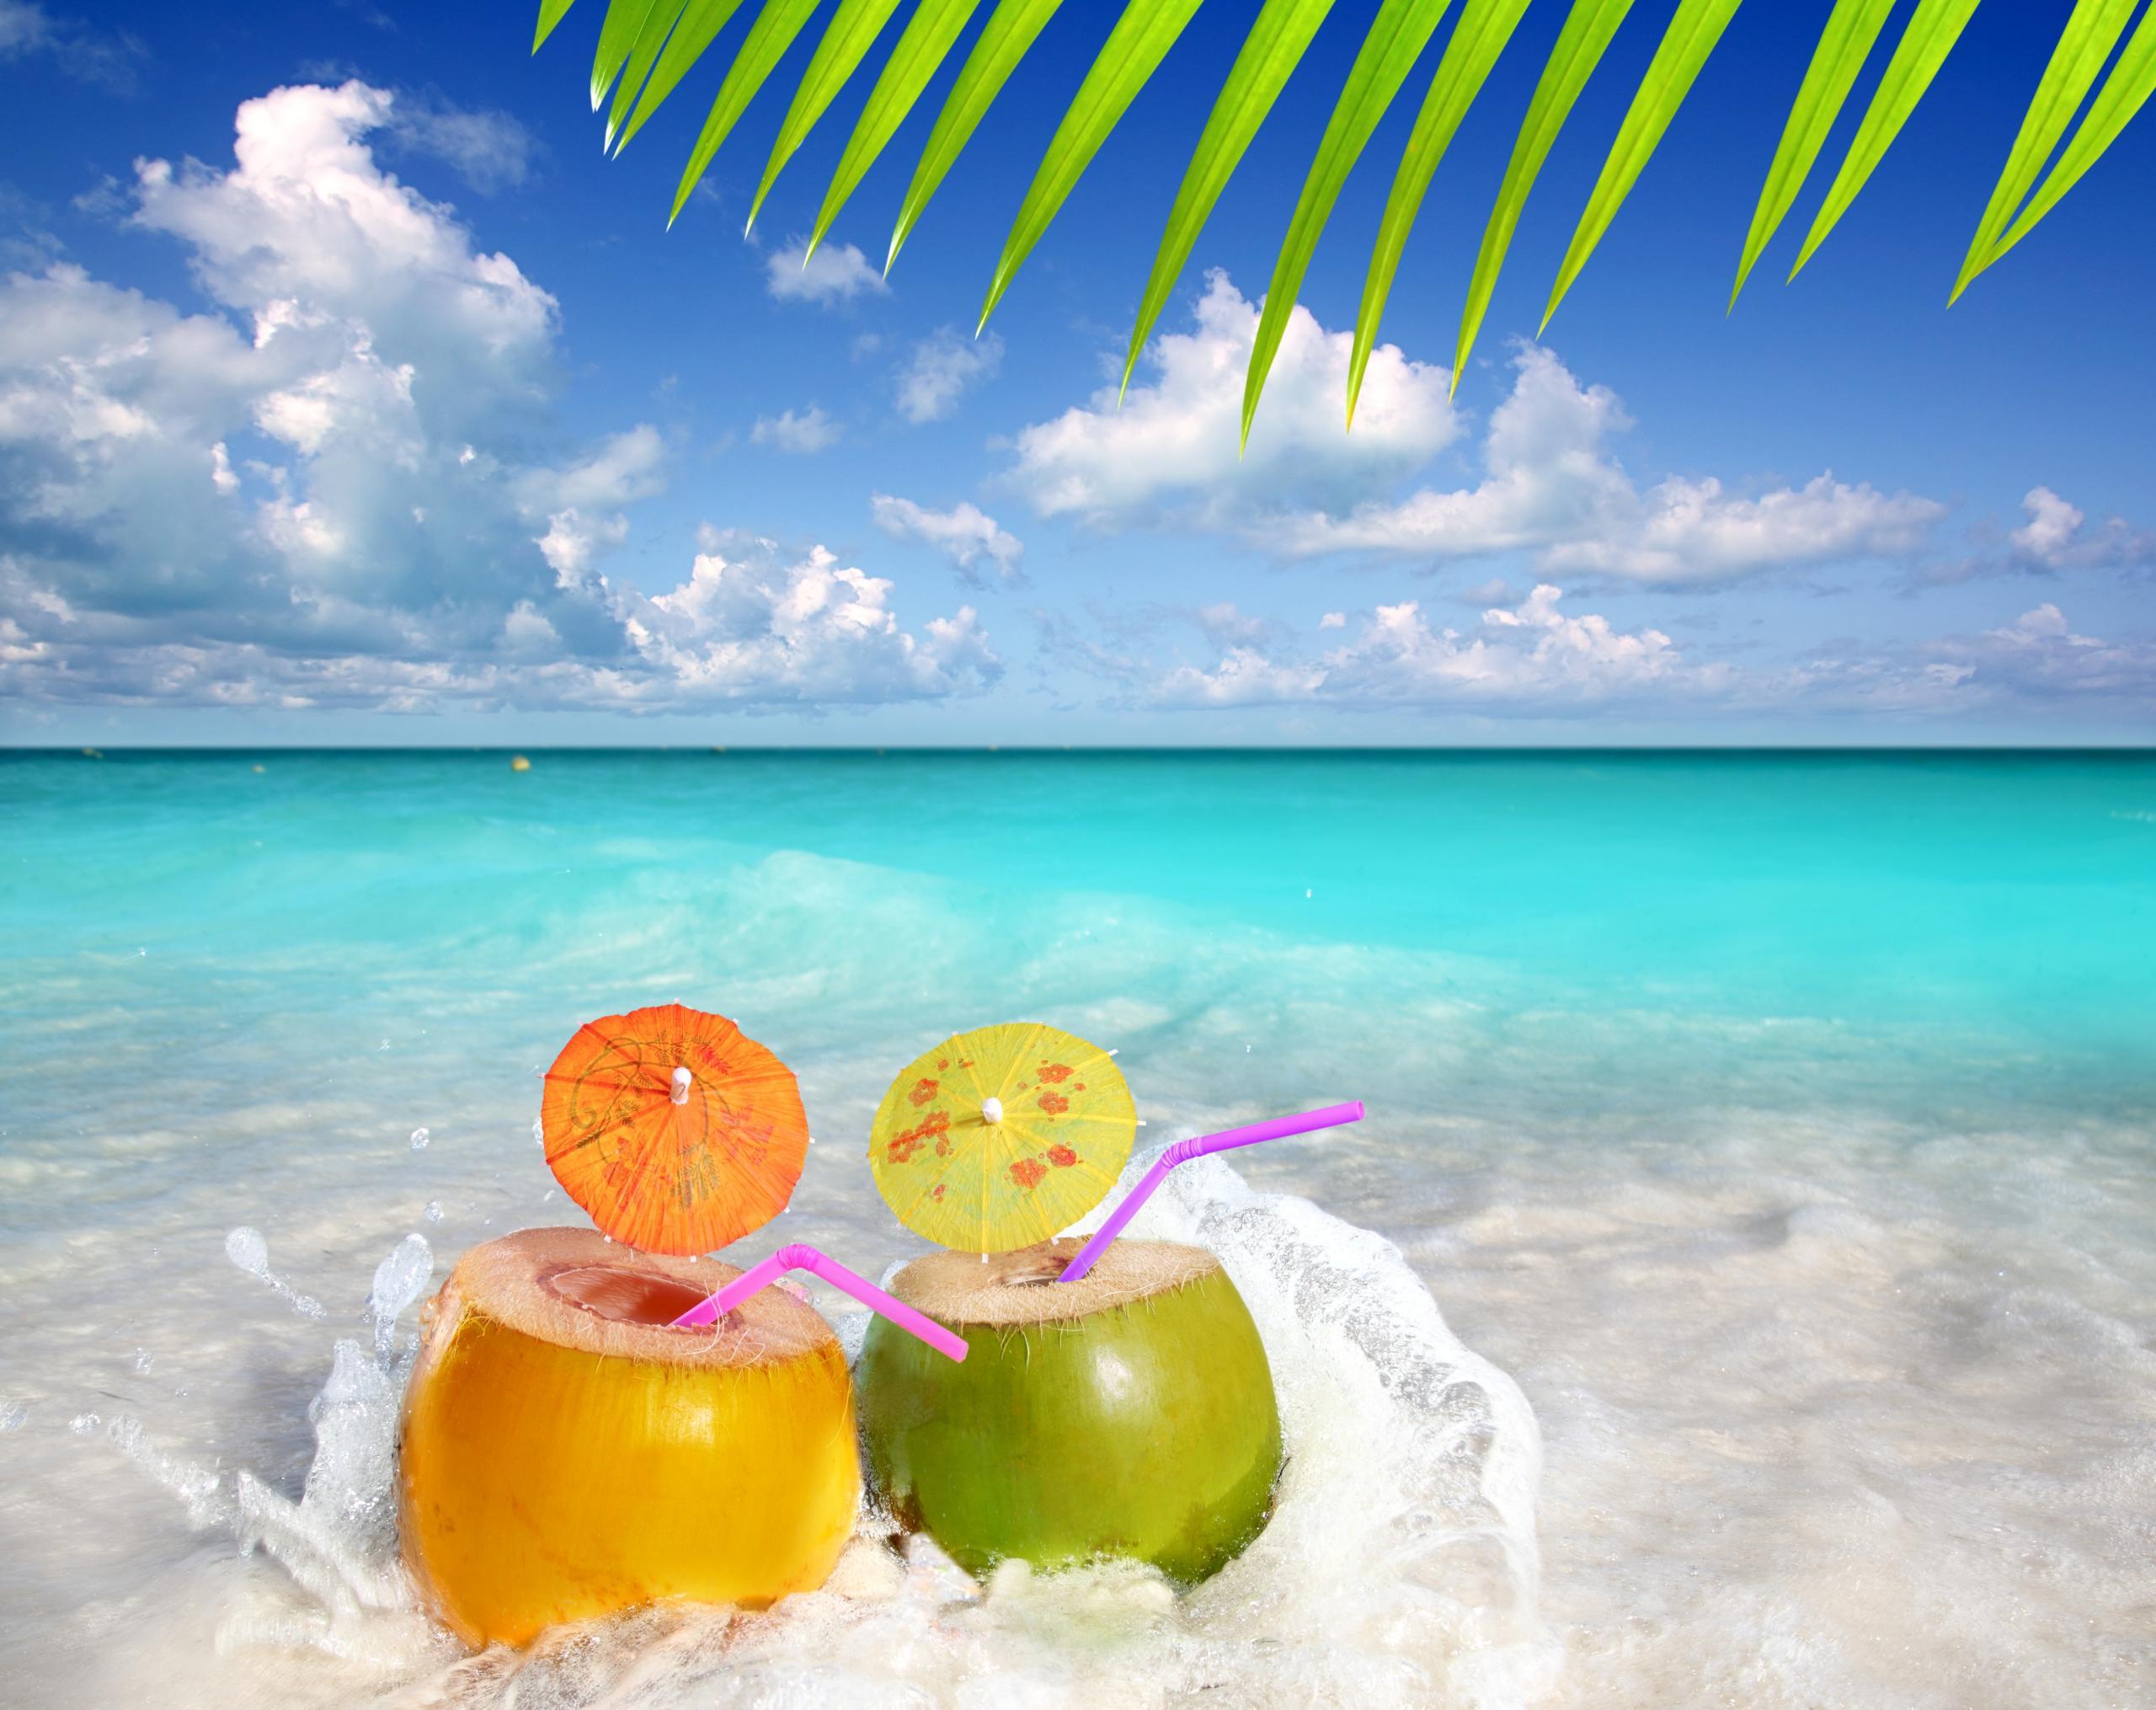 Free Widescreen Computer Wallpaper Summer - WallpaperSafari